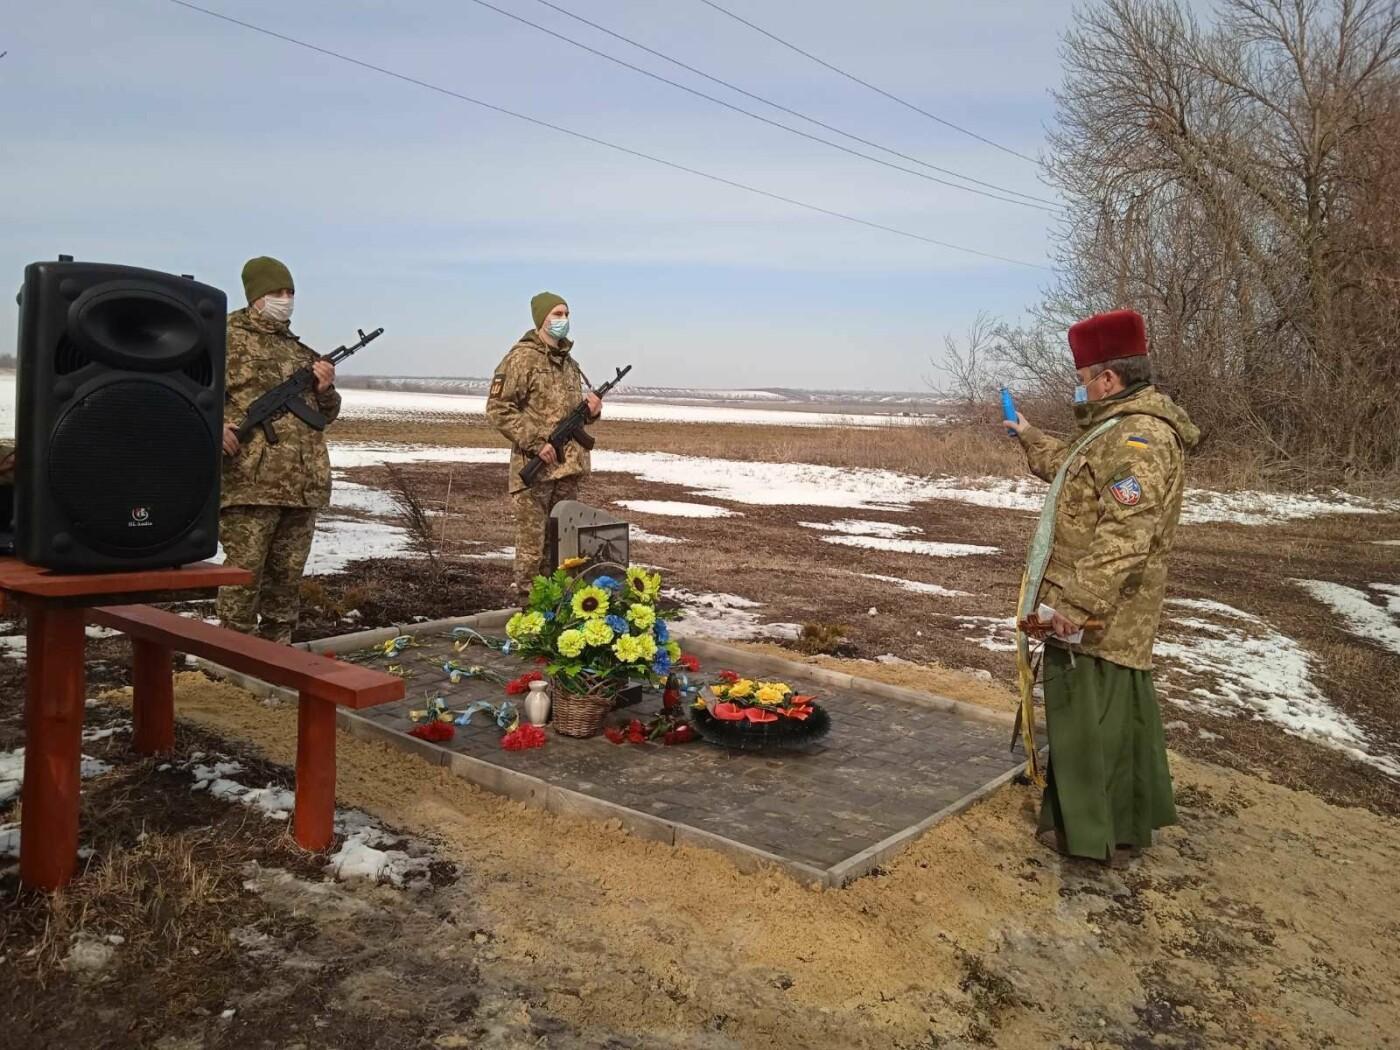 Трагедія у повітрі. Неподалік від Слов'янська вшанували пам'ять екіпажу вертольоту Мі-2, фото-1